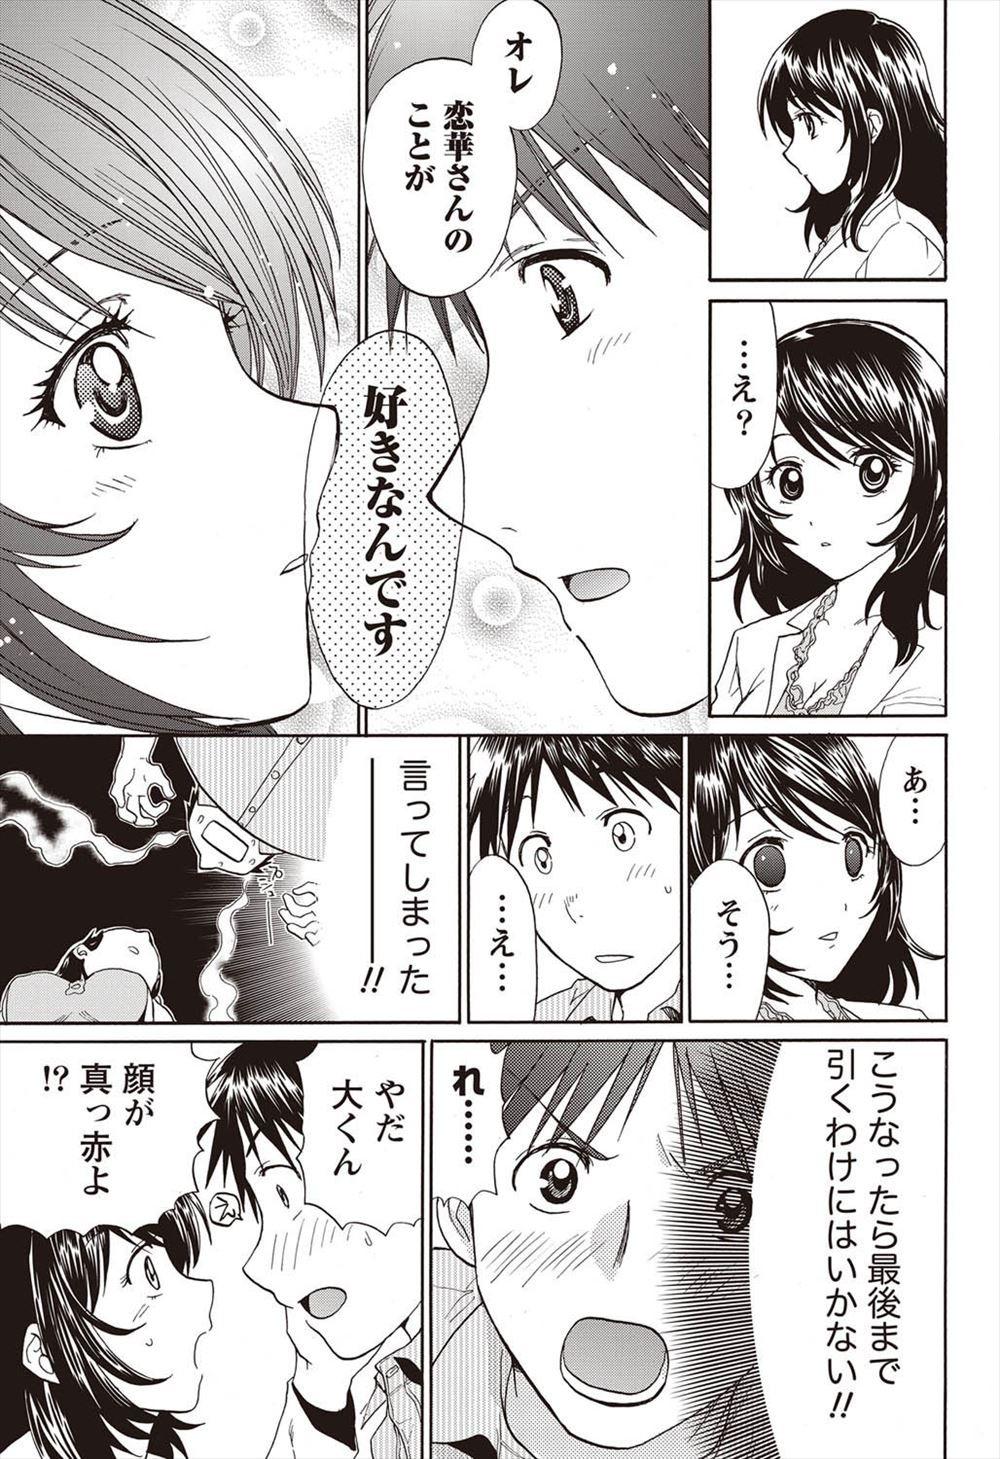 【エロ漫画同人誌】クリニックに来たセックス依存症女を治す、ってことで3Pセックスで問題解決する恋華さんwwww 015